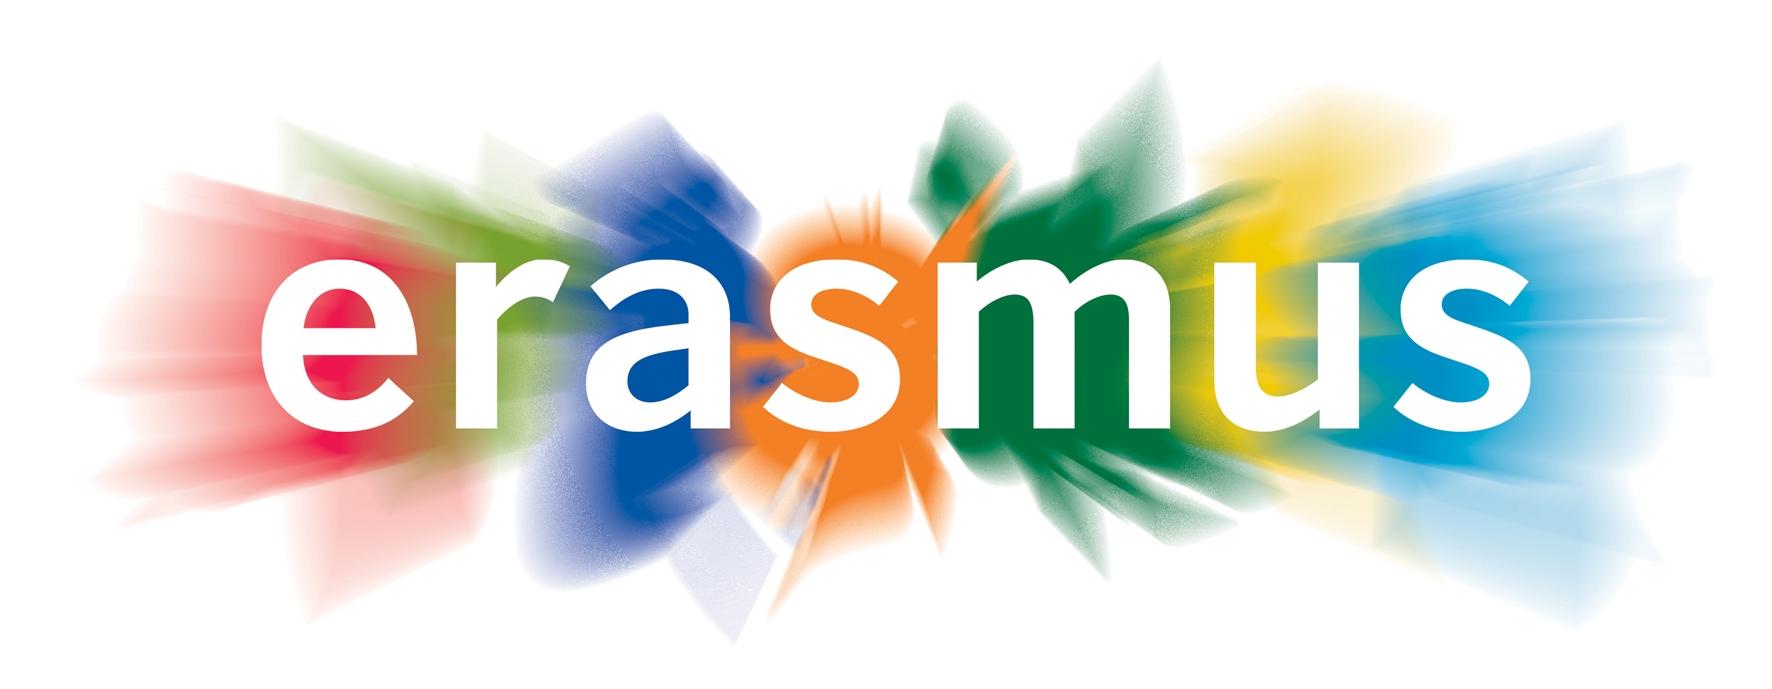 Πρόσκληση υποβολής αίτησης υποψηφιότητας συμμετοχής στο πρόγραμμα ERASMUS+ TRAINEESHIPS 2020-2021